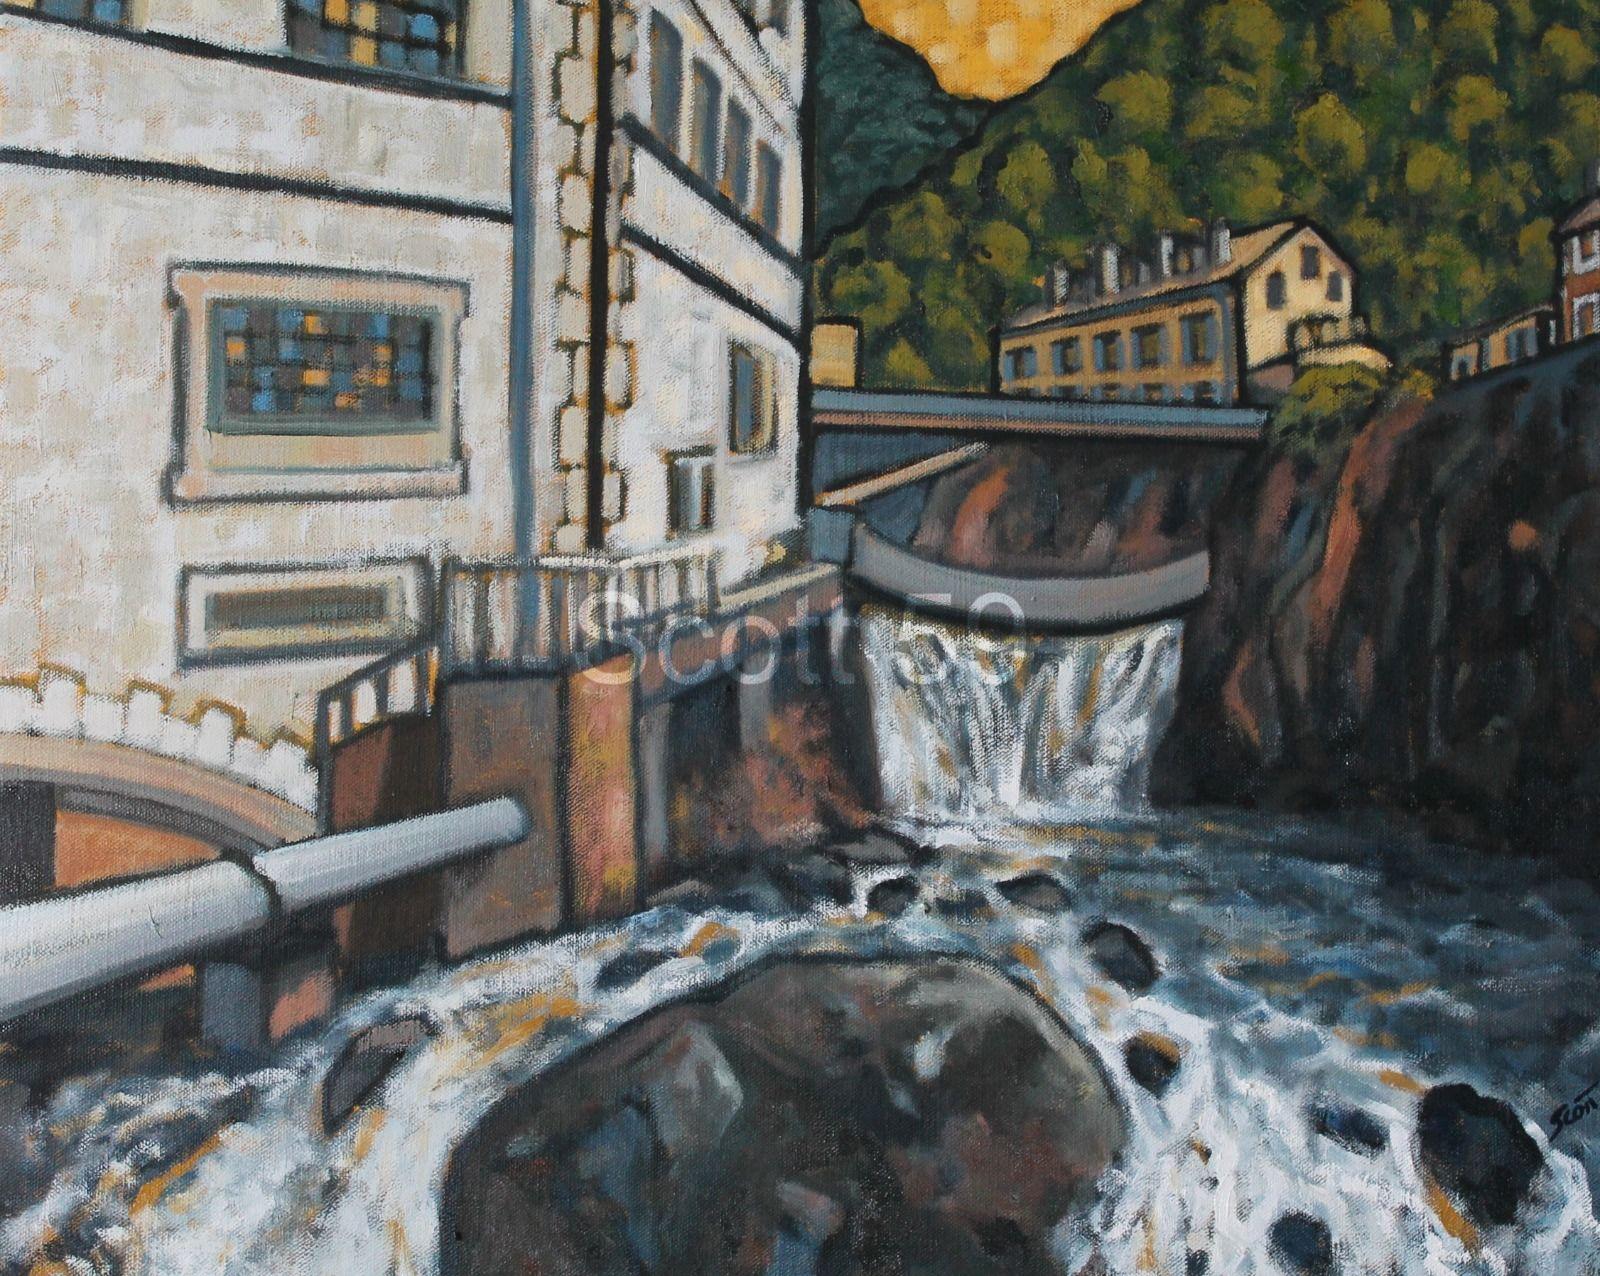 Thiers, Usine (Oil on canvas 82cm x 65cm)